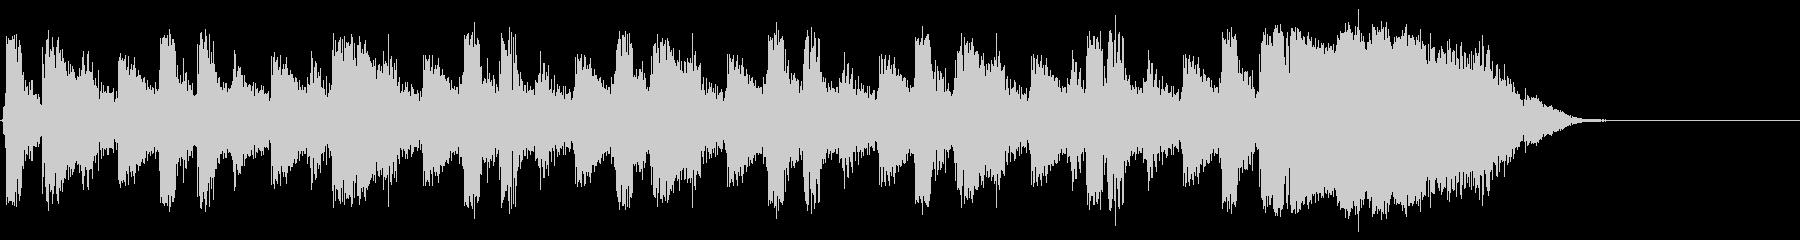 ビートトップの未再生の波形